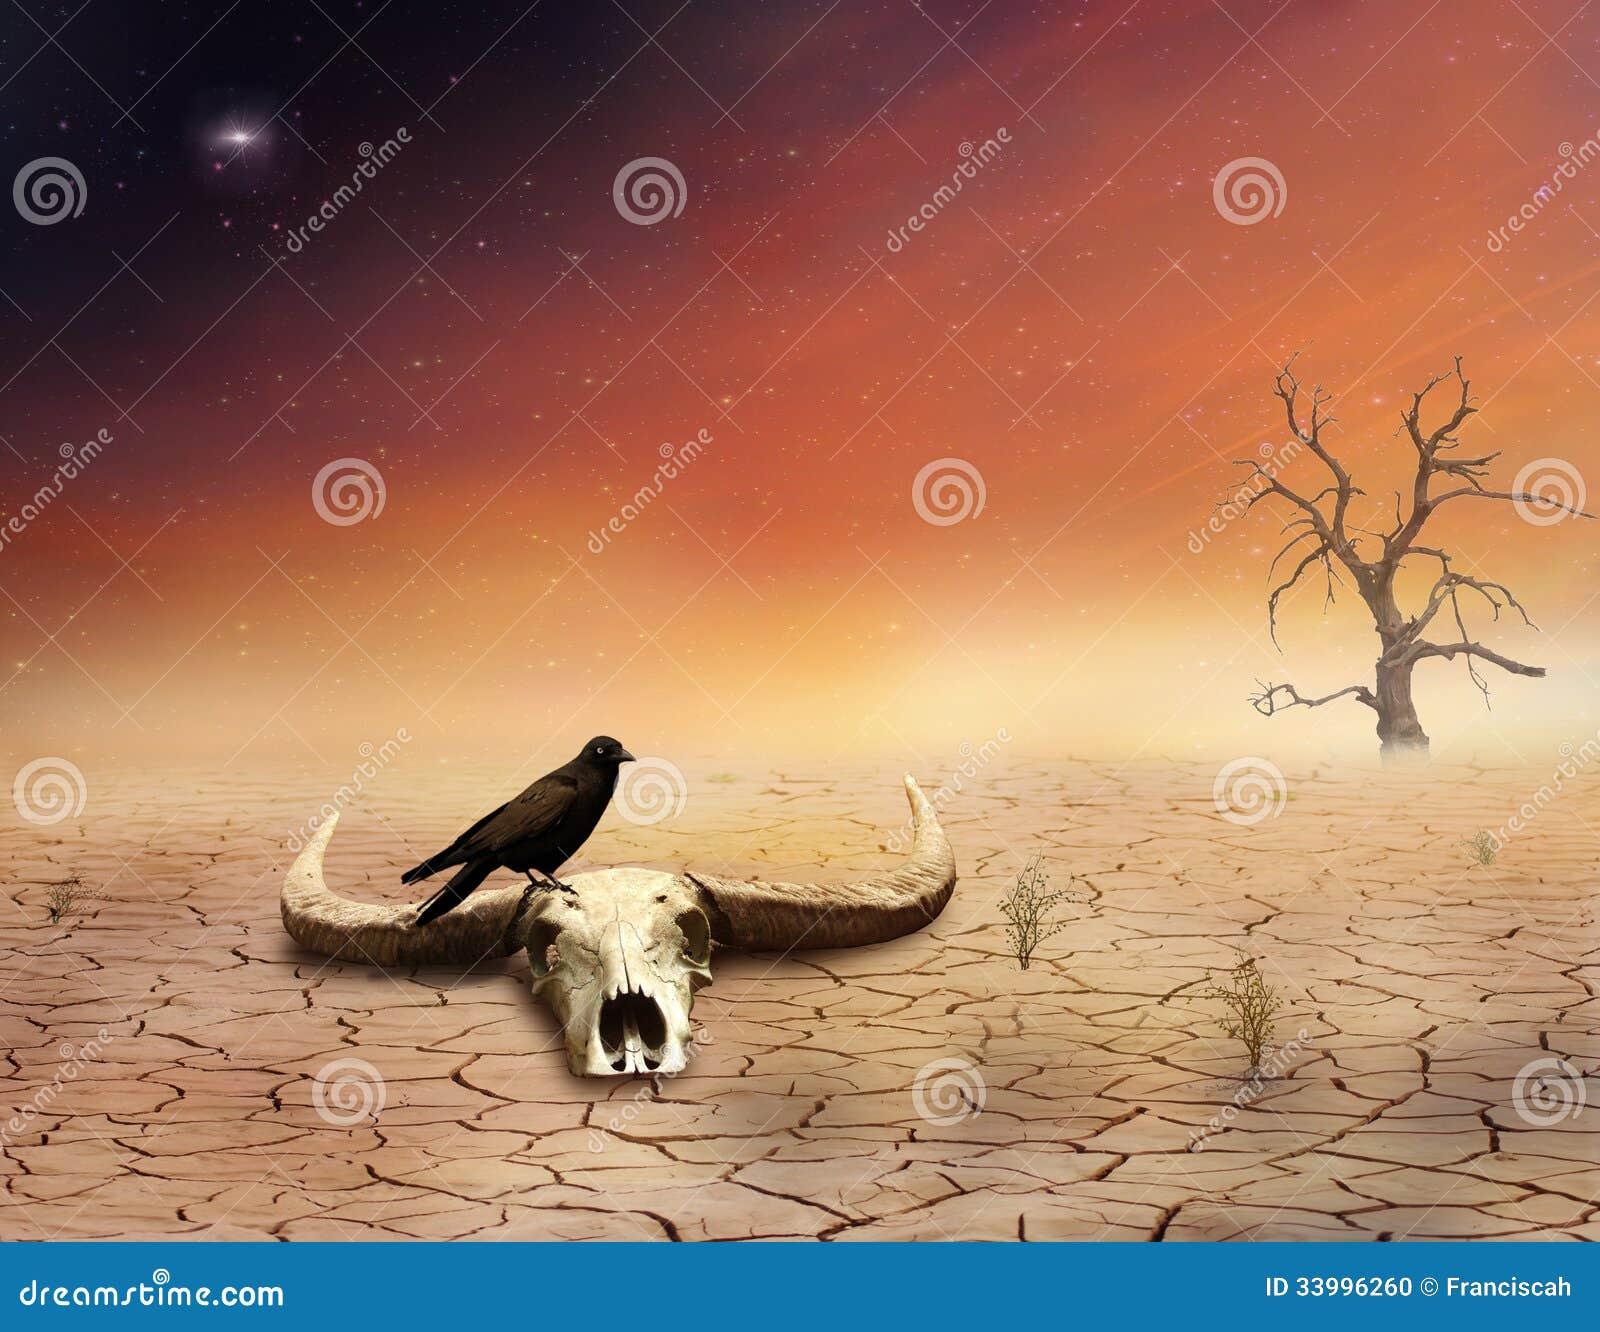 cow skull and desert - photo #20